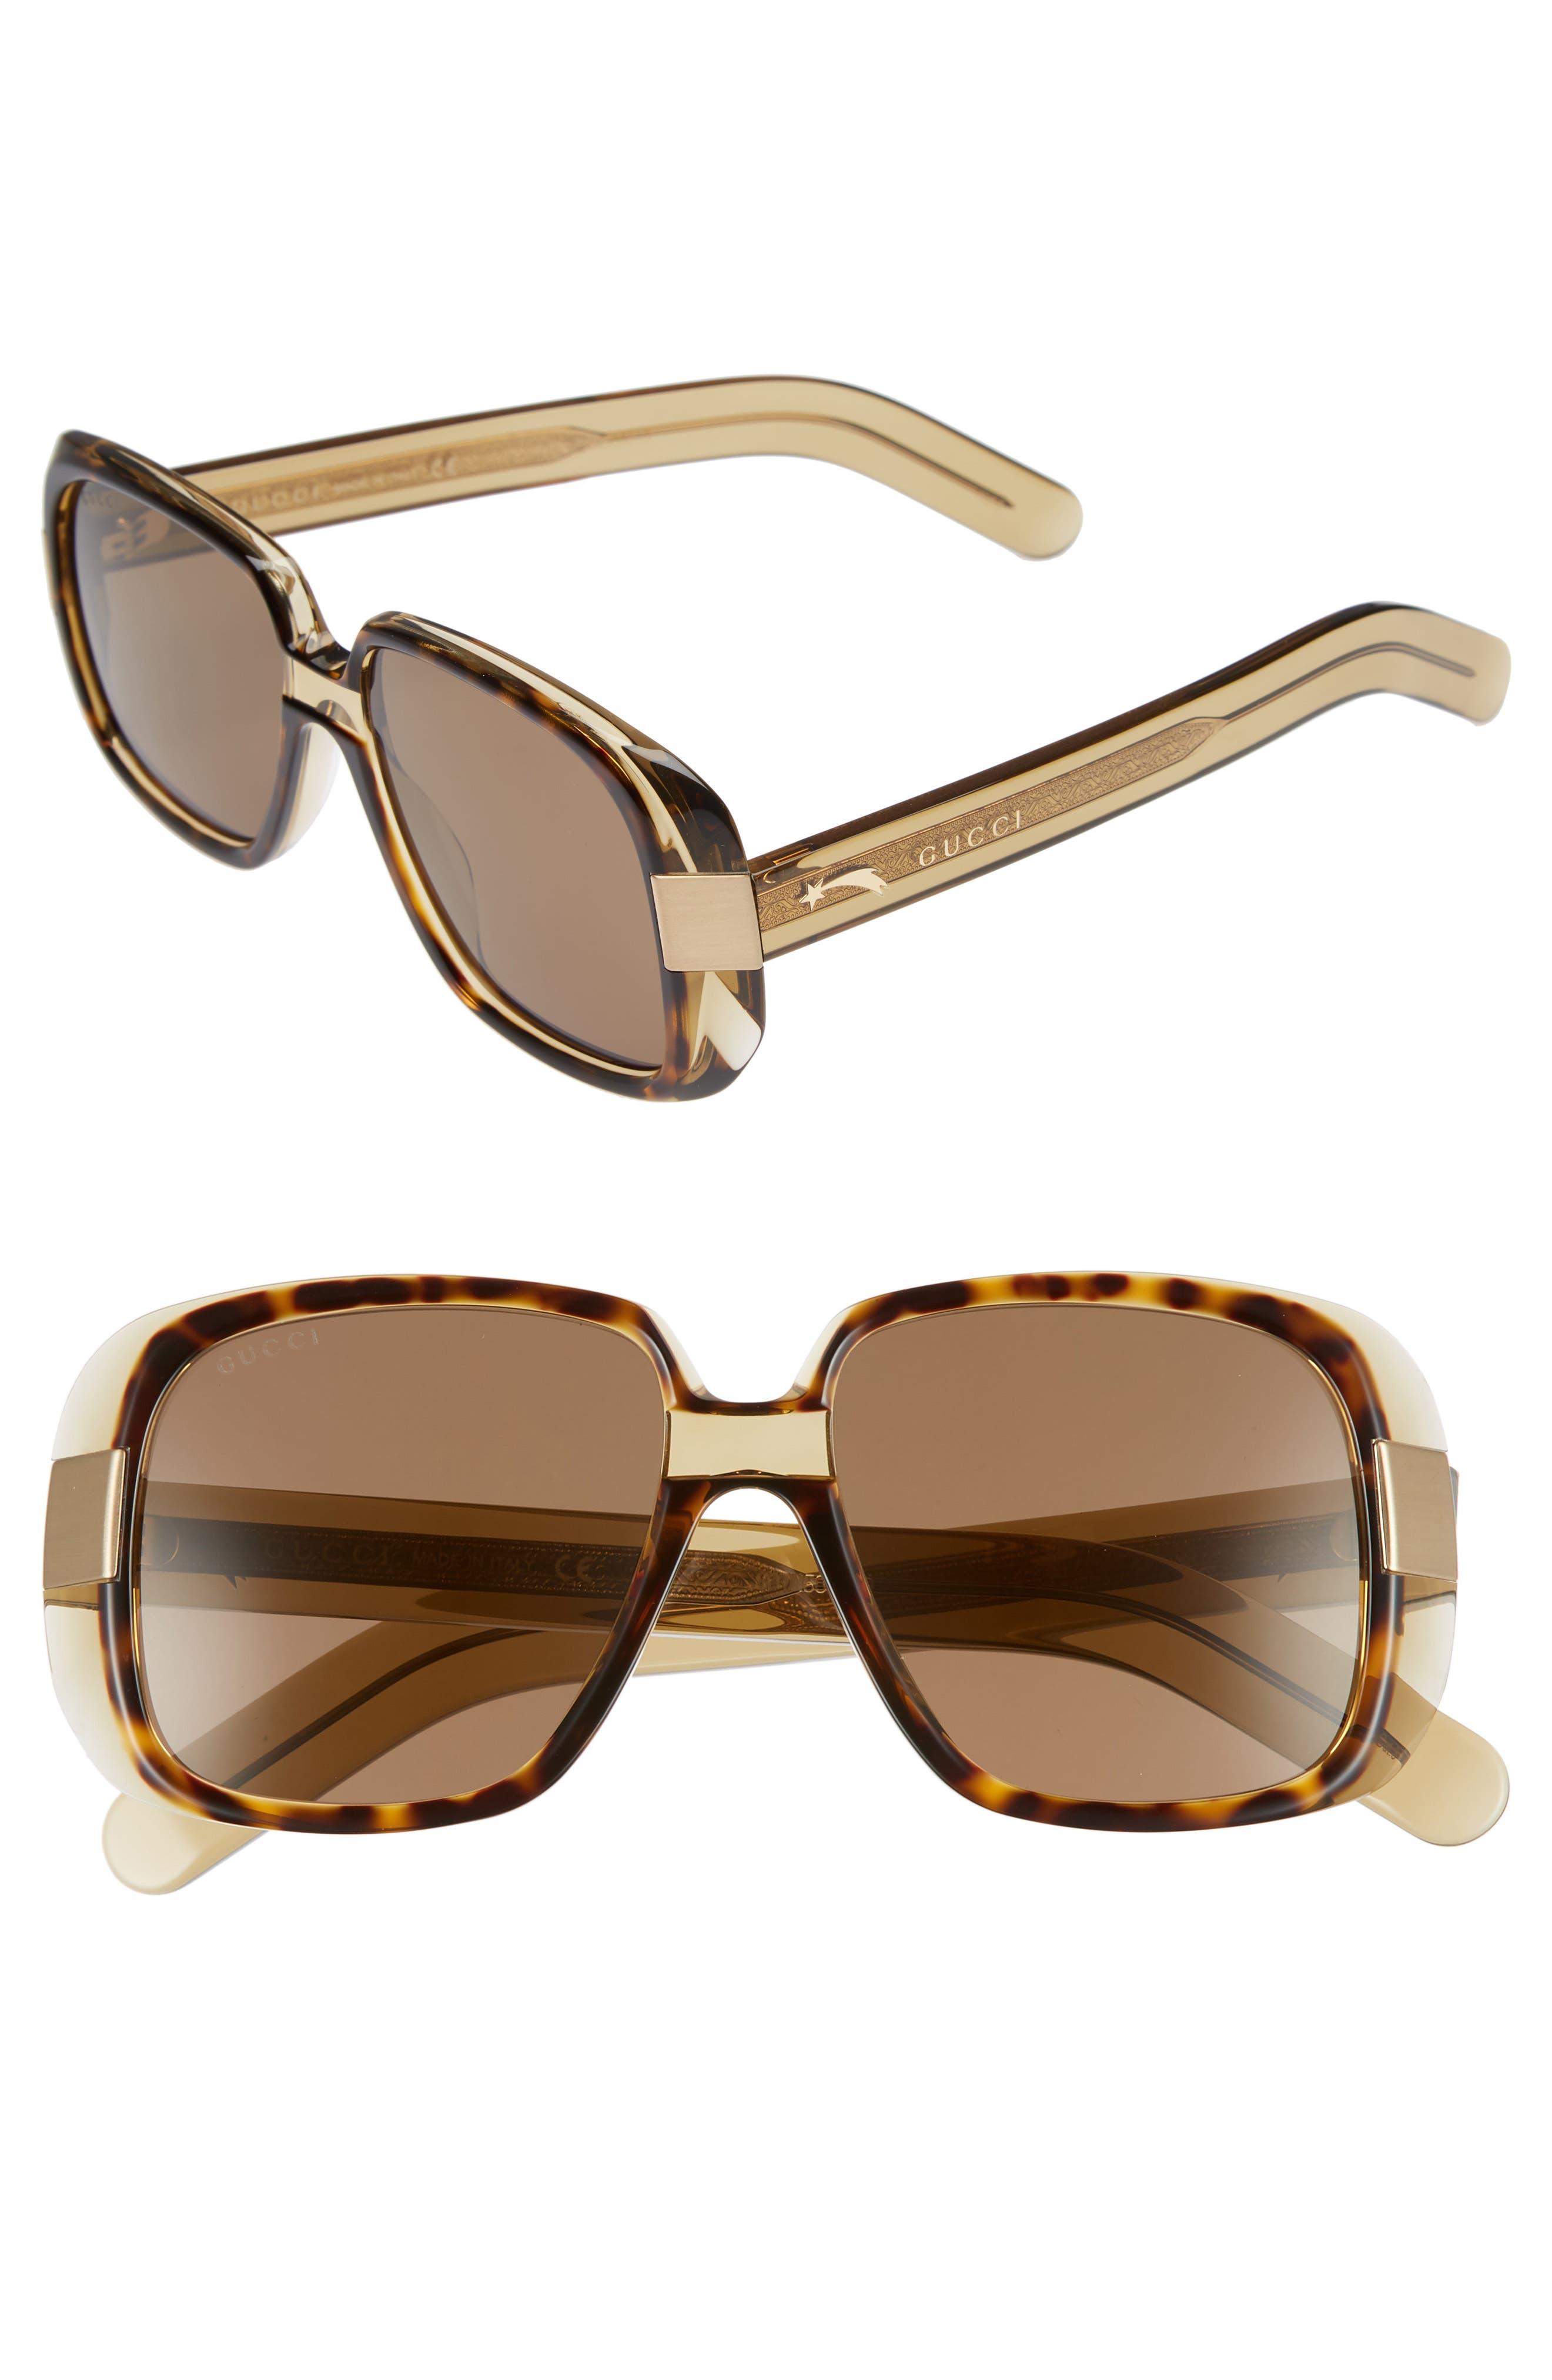 Main Image - Gucci Cruise 51mm Square Sunglasses